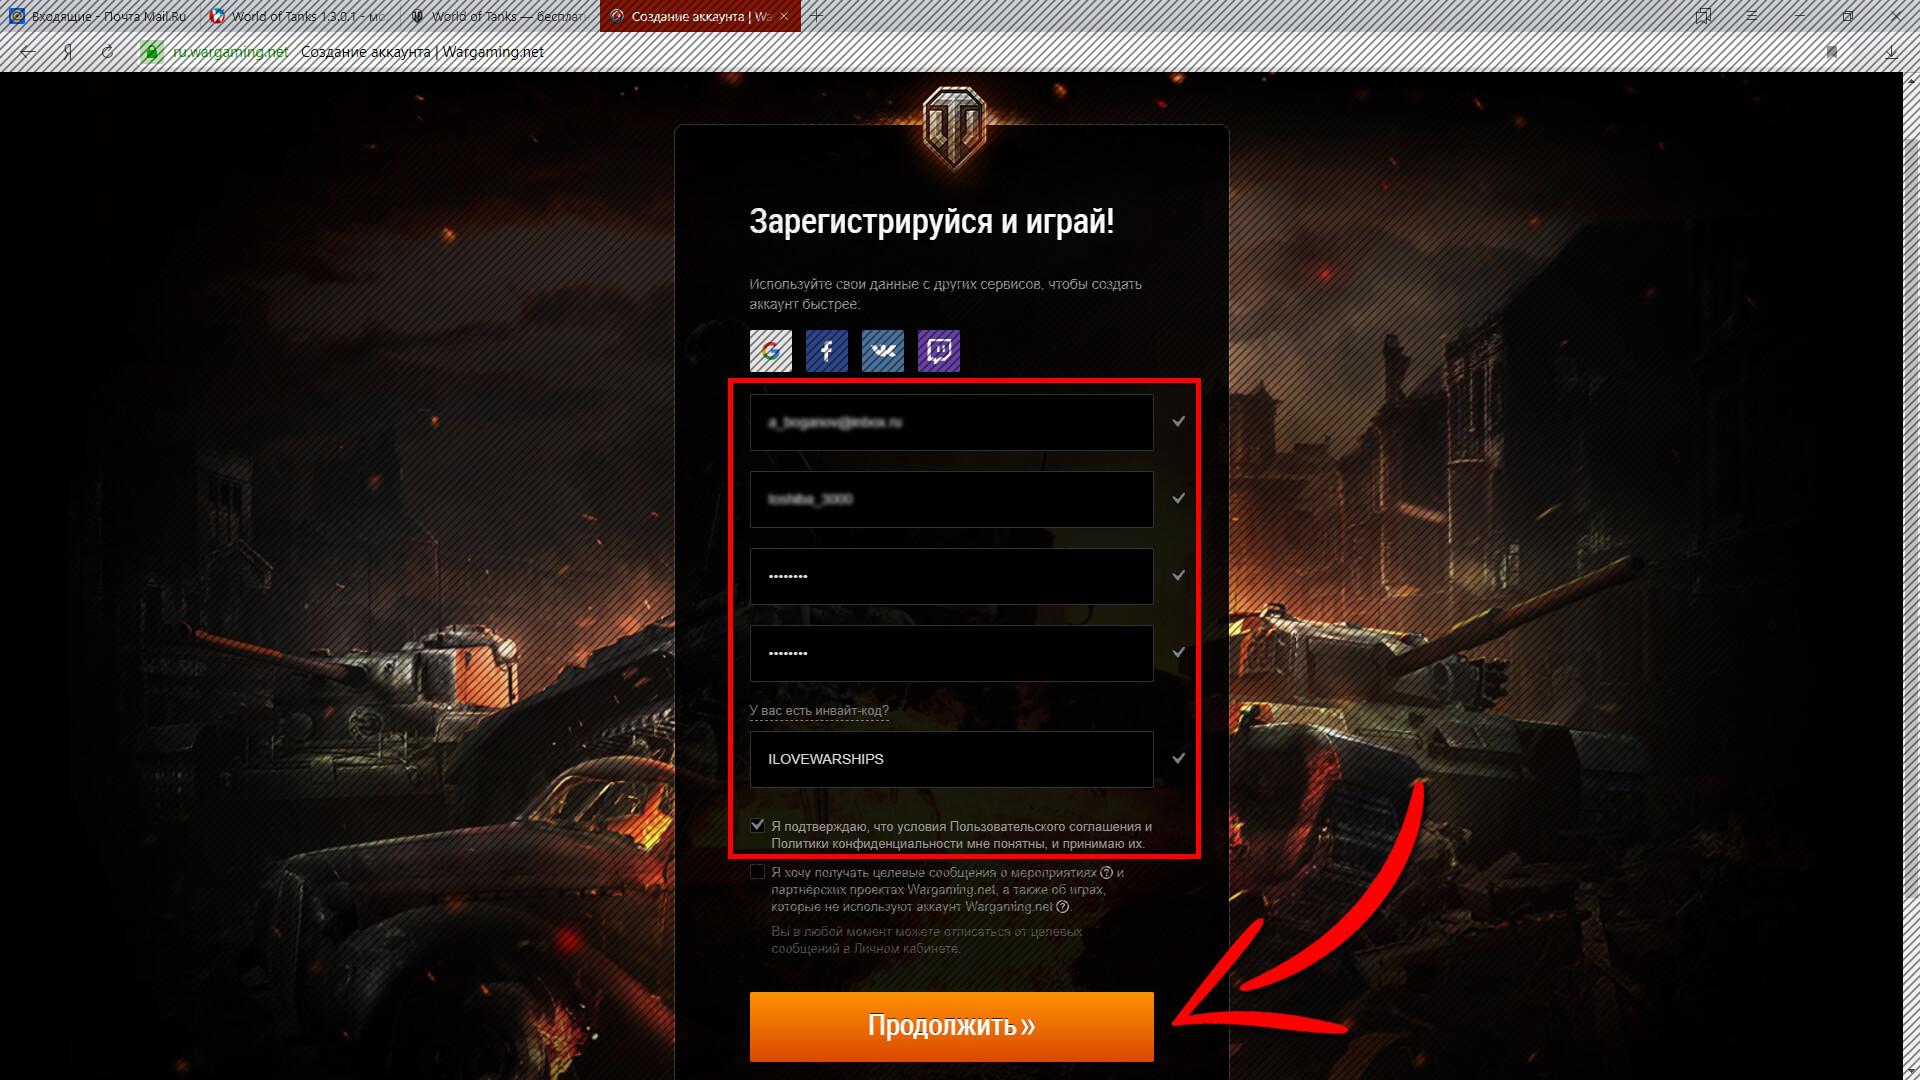 Инвайт код для World of Tanks 2019 действующий при регистрации [июль ]